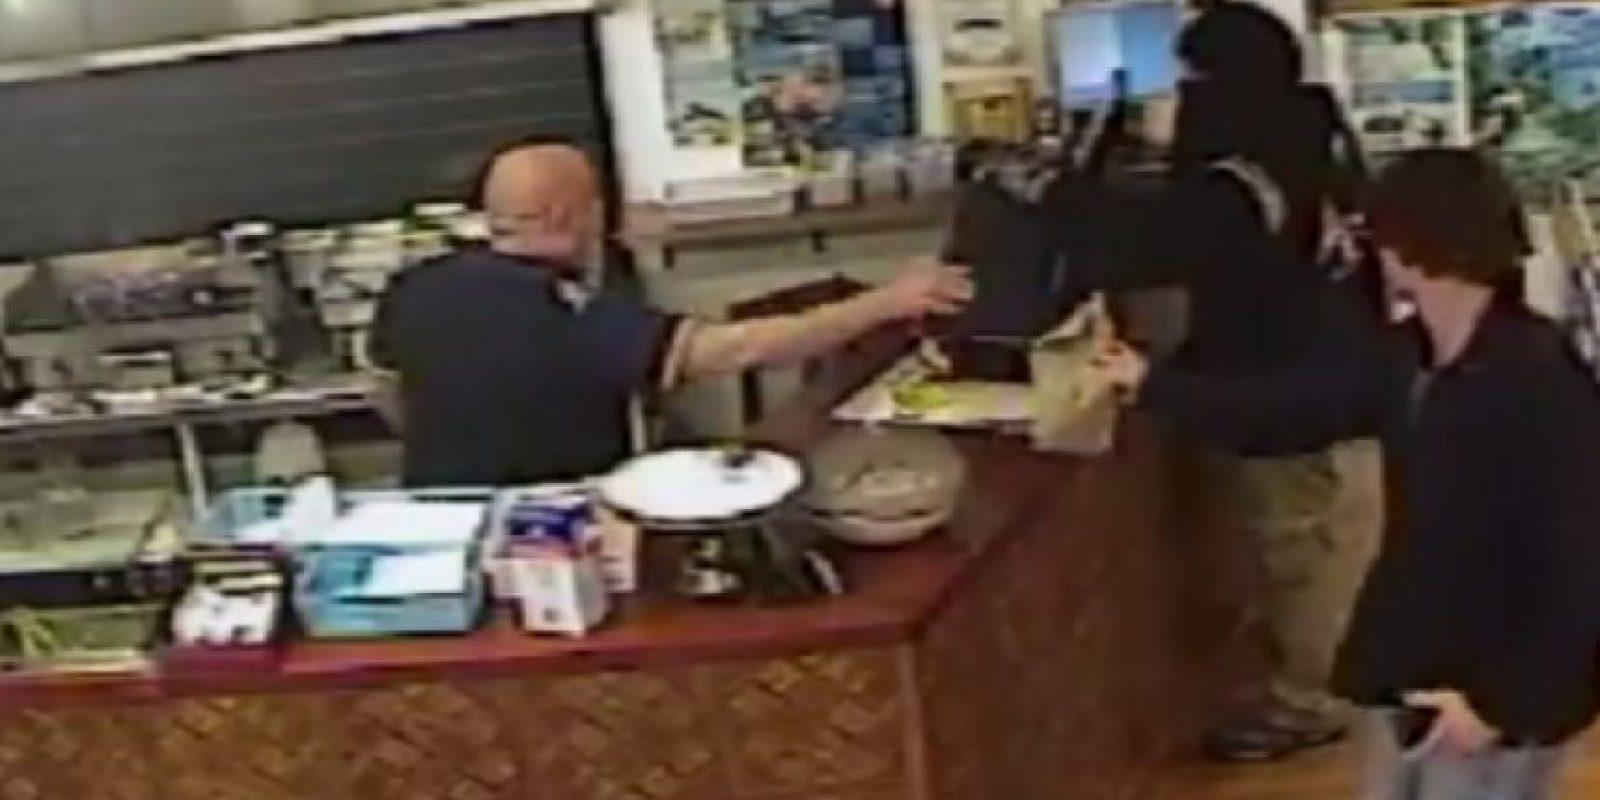 El empleado siguió atendiendo al cliente Foto:Canterbury Police/ Facebook